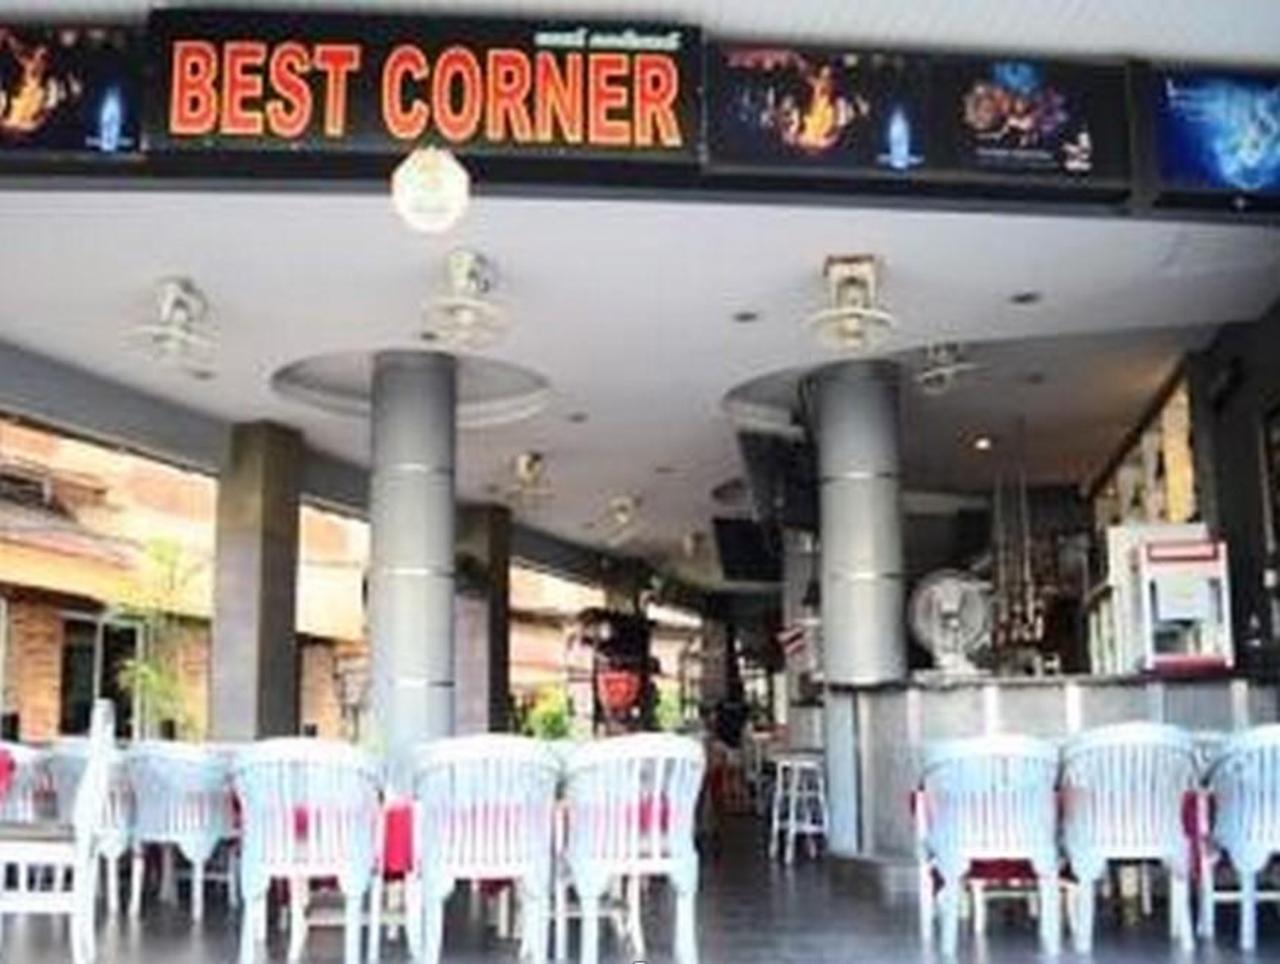 โรงแรมเบสท์ คอร์นเนอร์ พัทยา (Best Corner Hotel Pattaya)